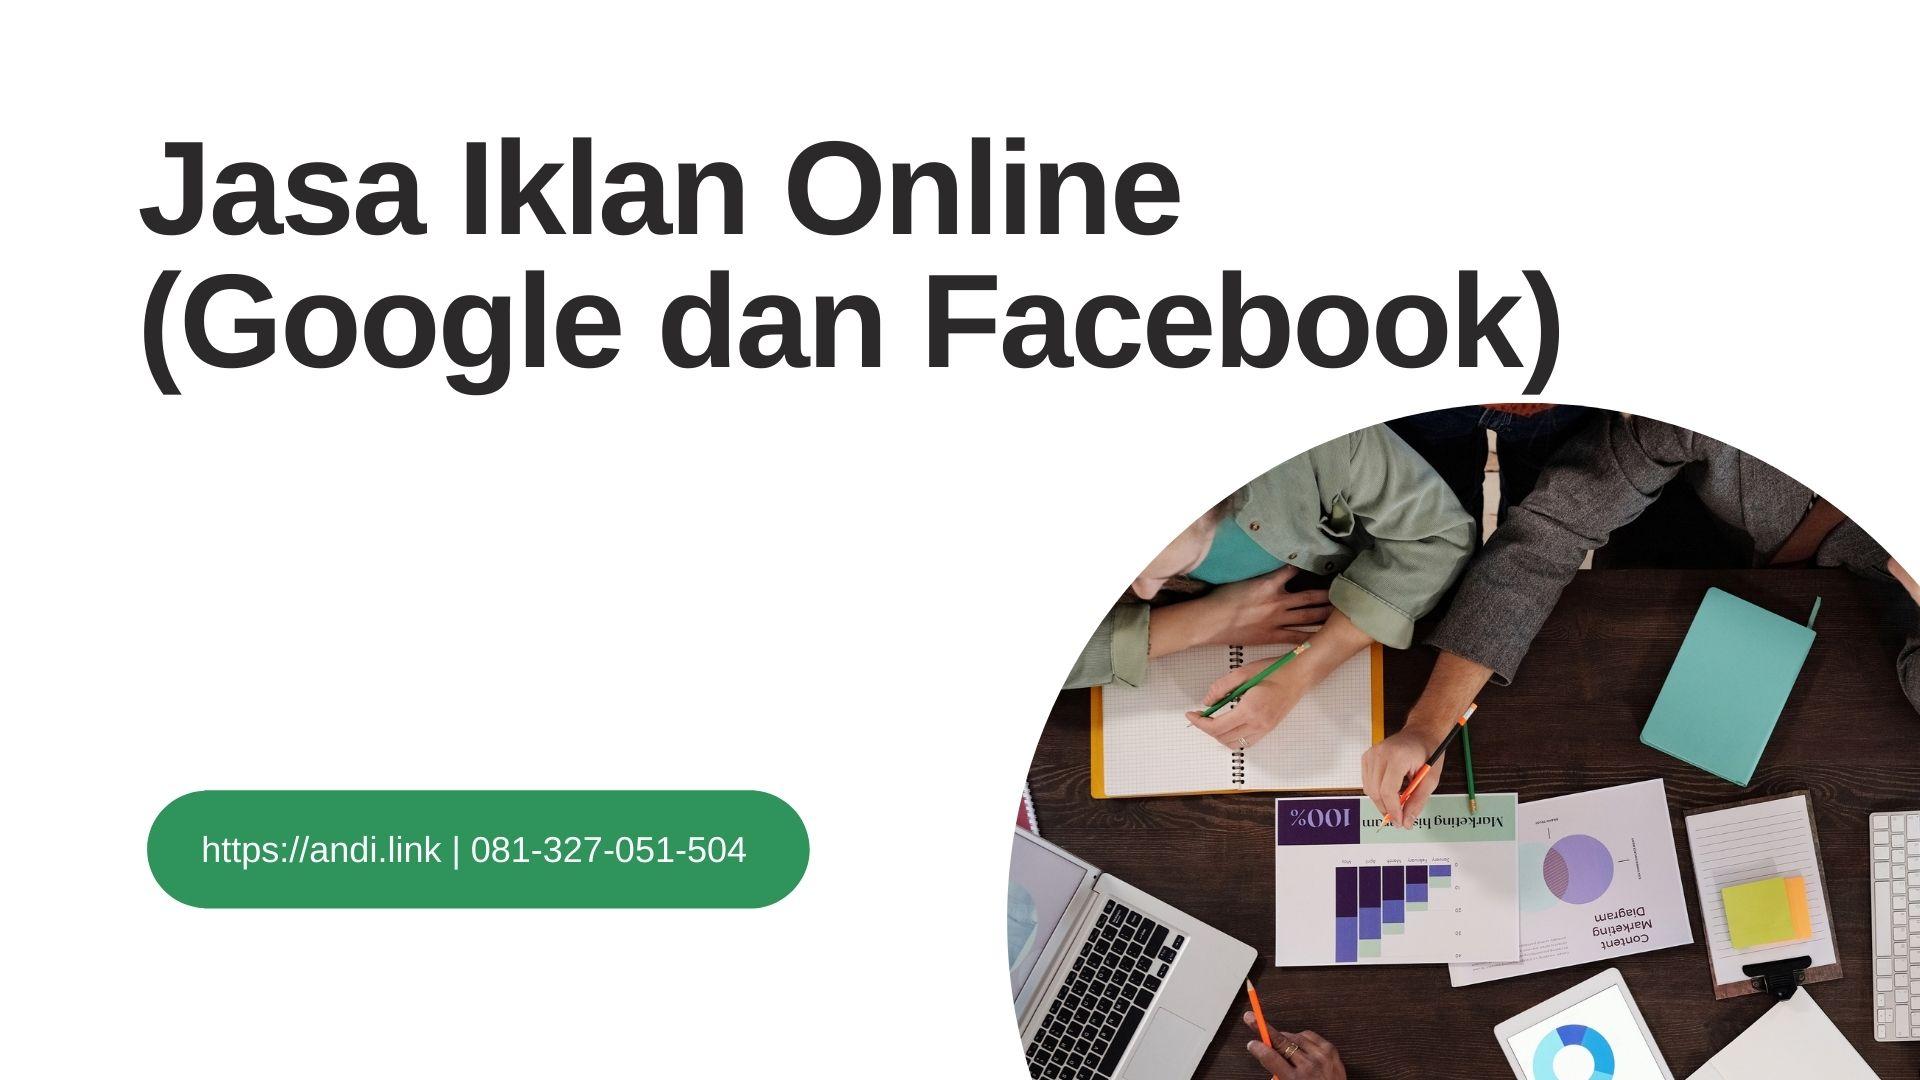 Jasa Iklan Online (Google dan Facebook)